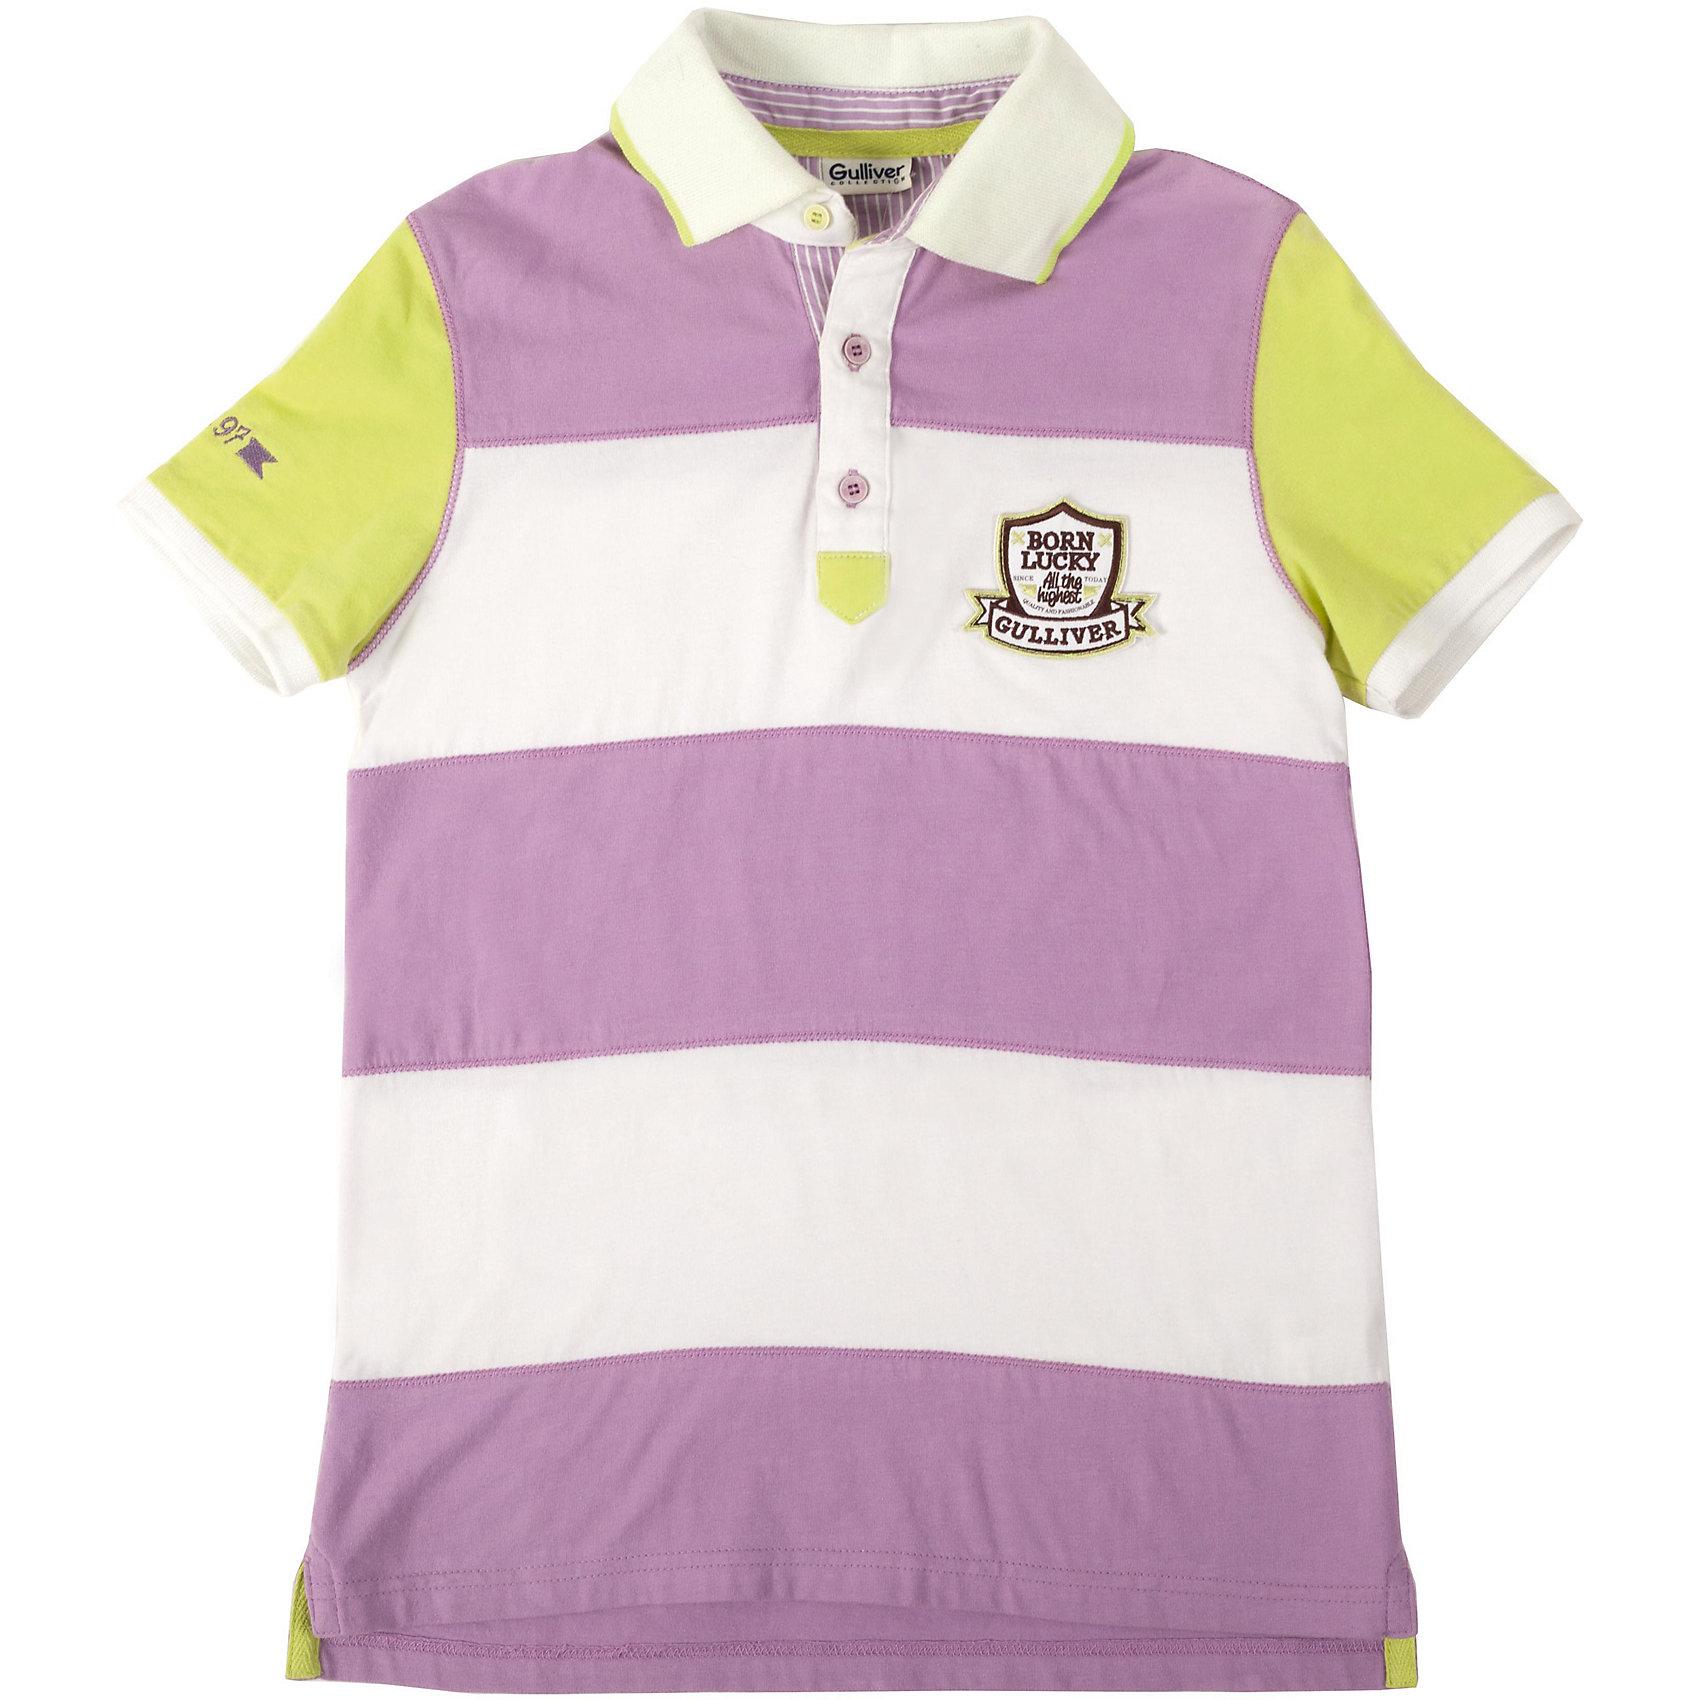 Футболка-поло для мальчика GulliverФутболки, поло и топы<br>Поло для мальчика с коротким рукавом- классика жанра! Рубашка поло - основа детского элегантного гардероба в спортивном стиле! Удобная, комфортная, красивая вещь, рубашка поло в полоску позволит создать стильный образ, который придется по душе и родителям, и ребенку. Изюминка данной модели в интересной необычной комбинации широкой сиреневой полосы на полочке и спинке и однотонных рукавов, выполненных в другом цвете. Это придает модели новизну и свежесть. Стильное поло для мальчика с вышивкой, принтом и шевроном, а также с оригинальной интересной отделкой внутренней части воротника выглядит потрясающе. Словом, если вы решили купить поло и порадовать ребенка стильной, удобной, практичной вещью, эта модель - то, что вам нужно!<br>Состав:<br>95% хлопок           5% эластан<br><br>Ширина мм: 199<br>Глубина мм: 10<br>Высота мм: 161<br>Вес г: 151<br>Цвет: фиолетовый<br>Возраст от месяцев: 132<br>Возраст до месяцев: 144<br>Пол: Мужской<br>Возраст: Детский<br>Размер: 152,134,128,146,158,140<br>SKU: 4534276